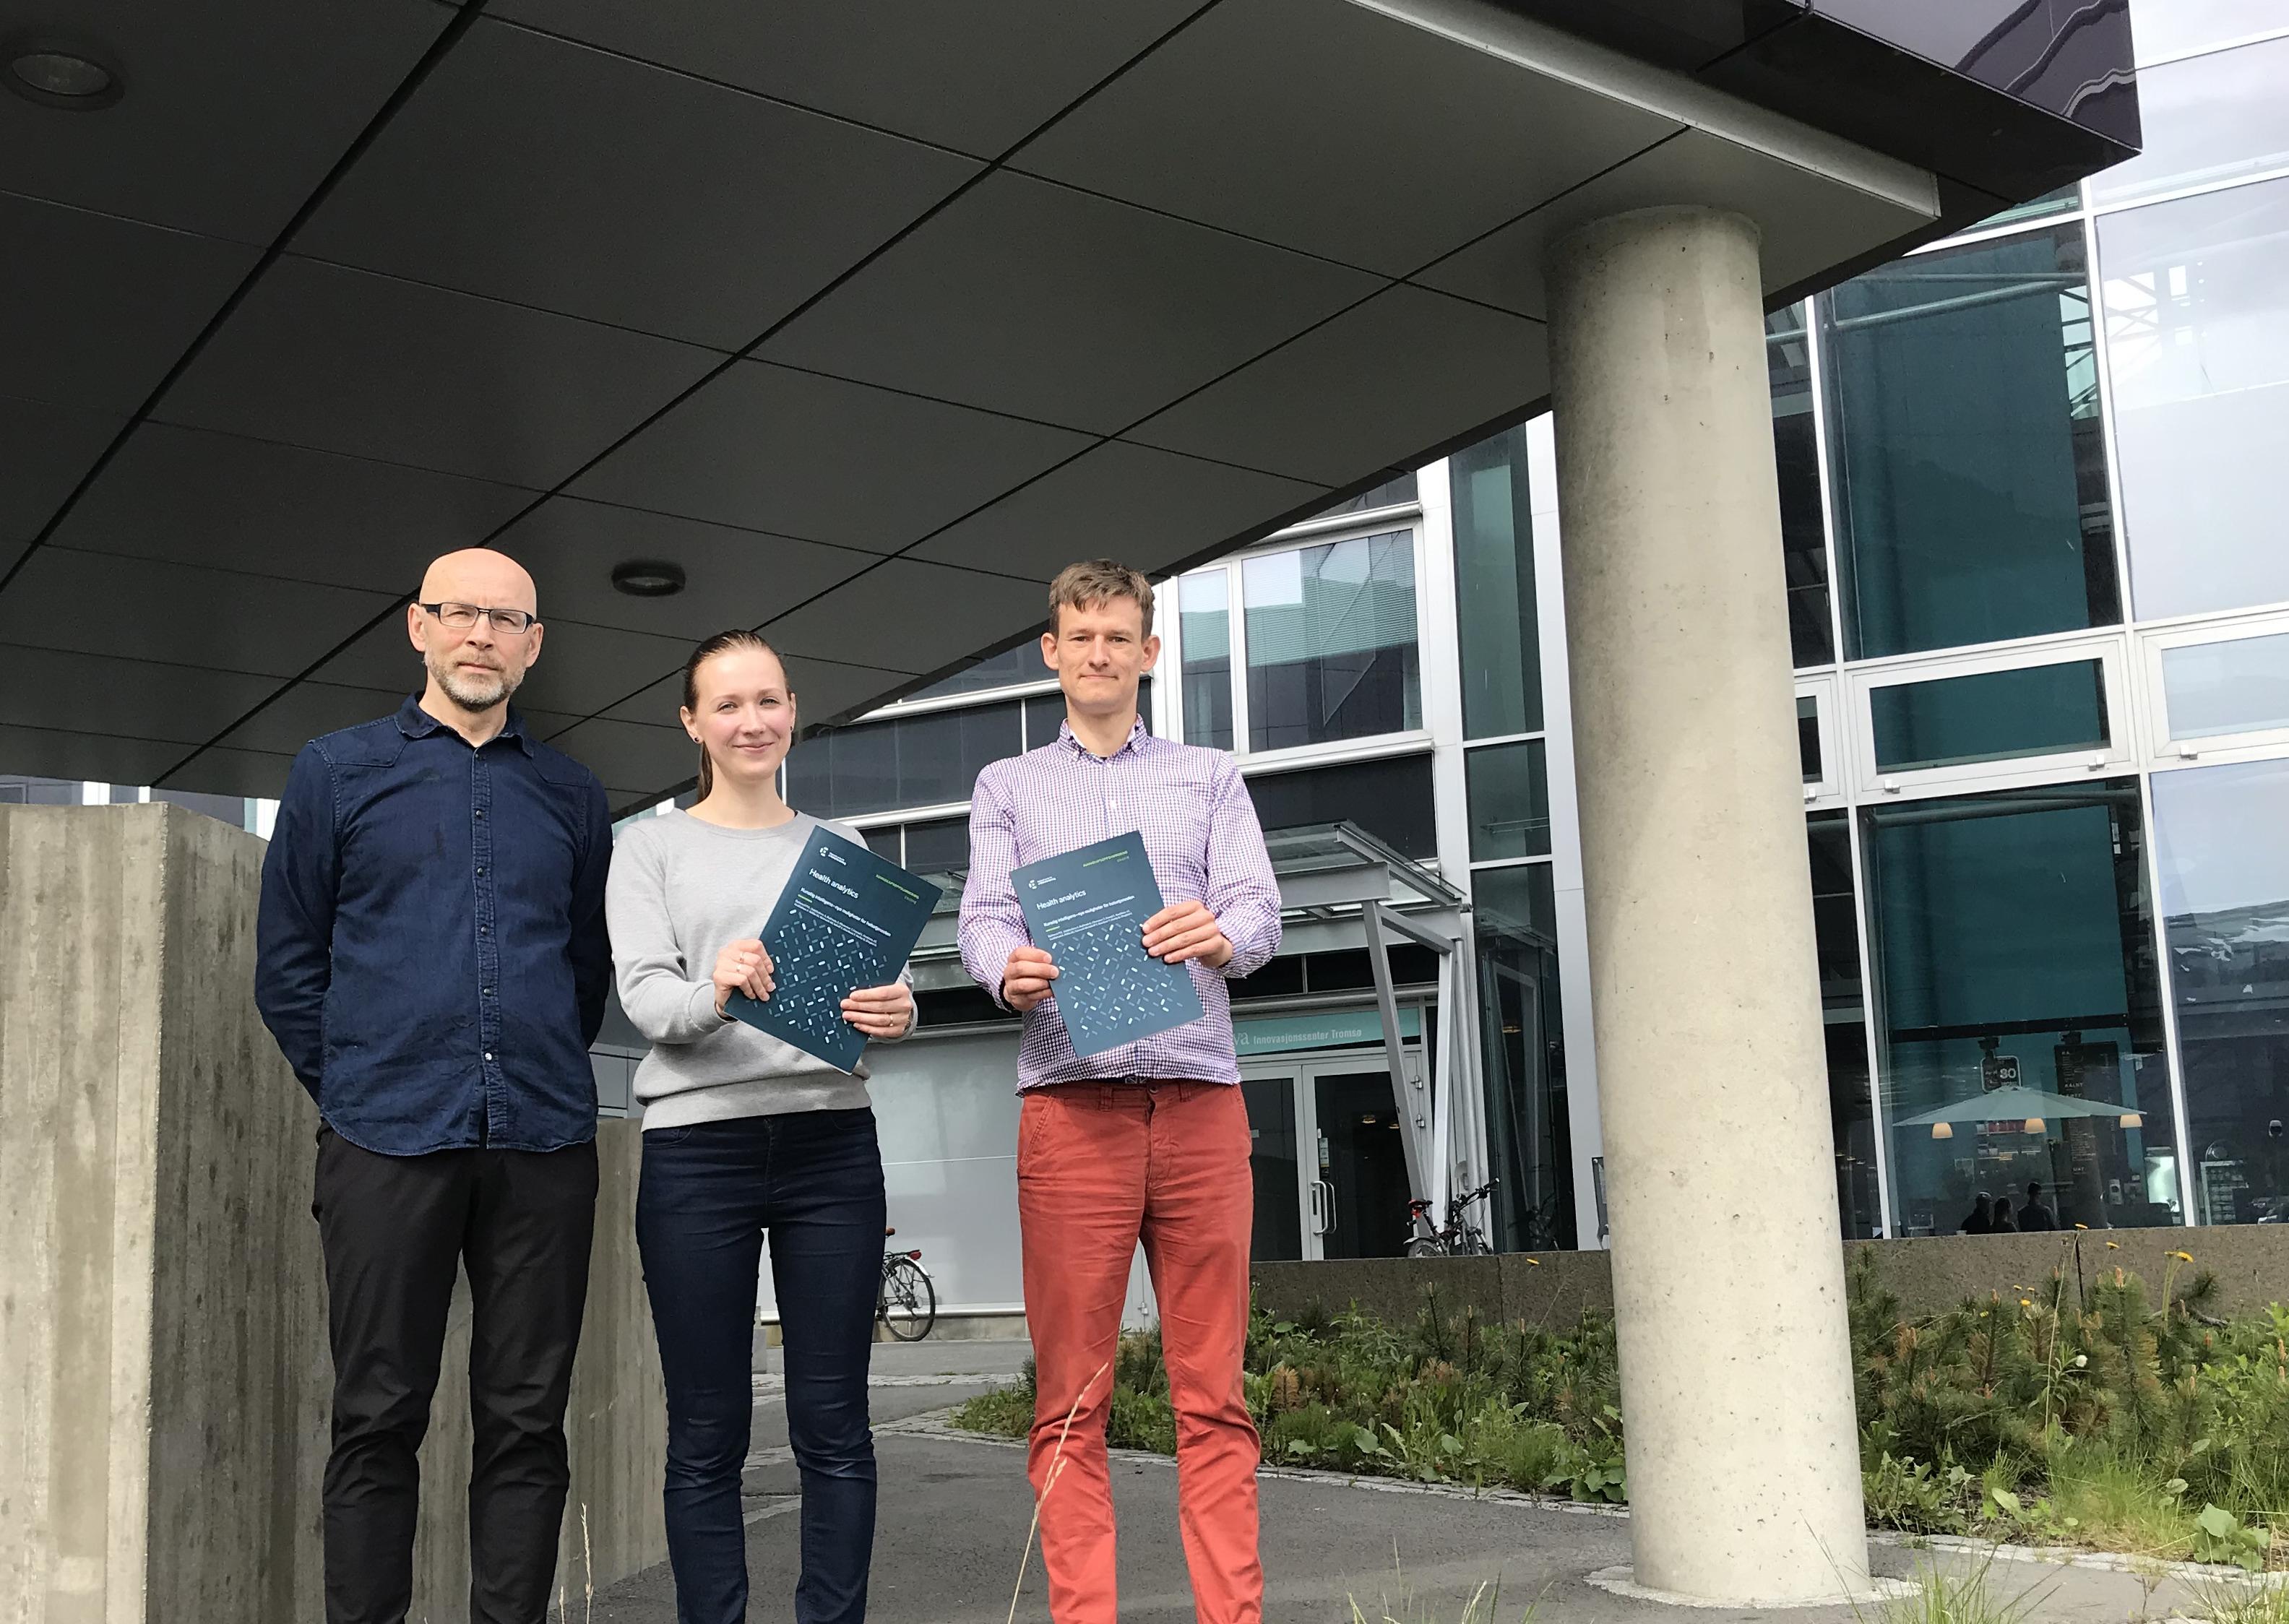 Fra venstre: Per Atle Bakkevoll (prosjektleder og seniorrådgiver), Alexandra Makhlysheva (rådgiver) og Andrius Budrionis (postdoktorstipendiat). Foto: Lene Lundberg